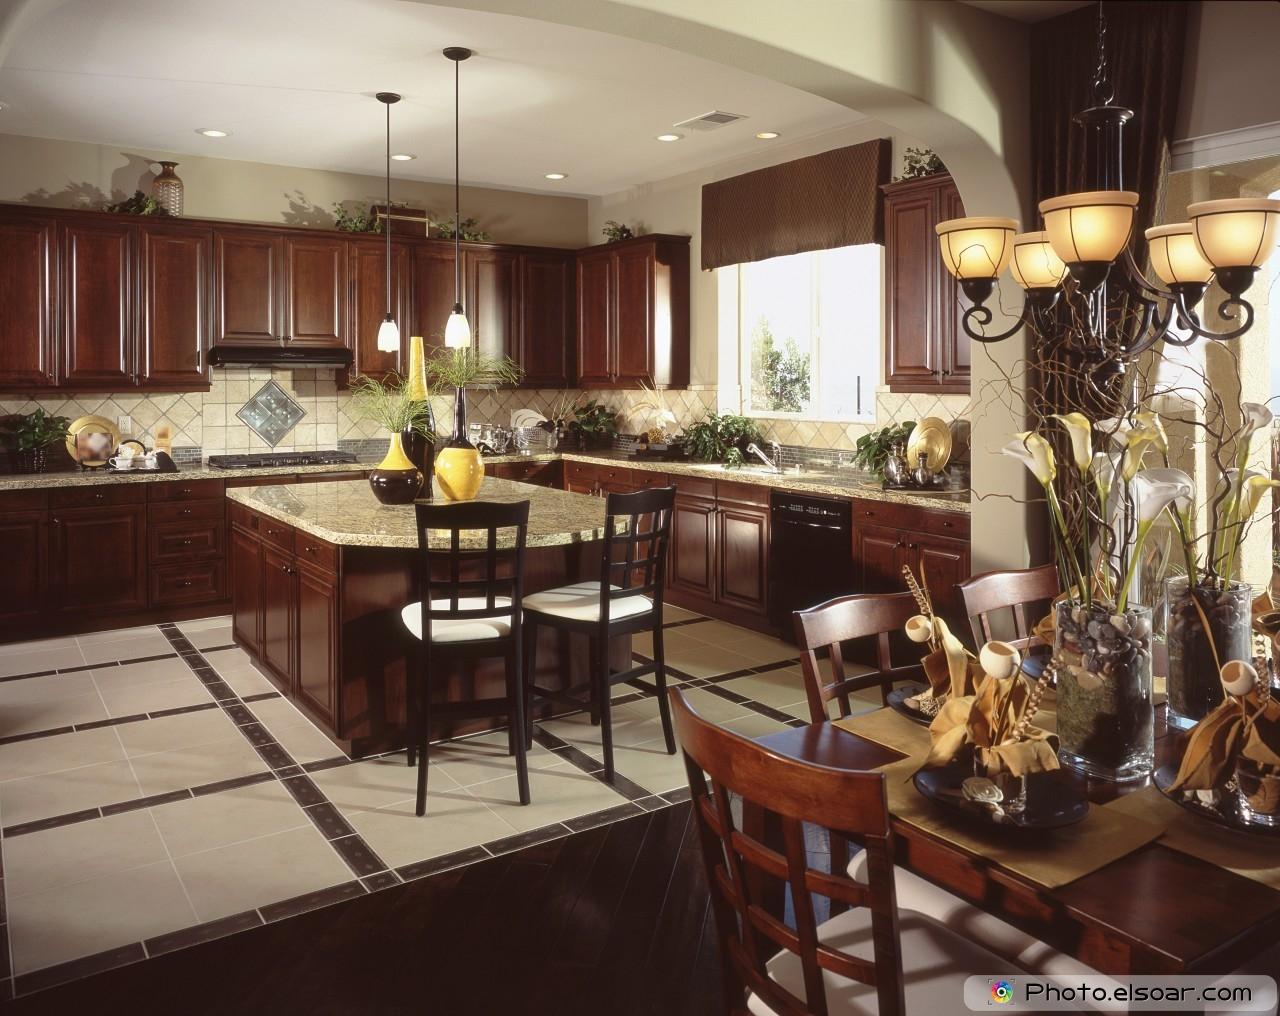 Kitchen Interior Design, Free Images